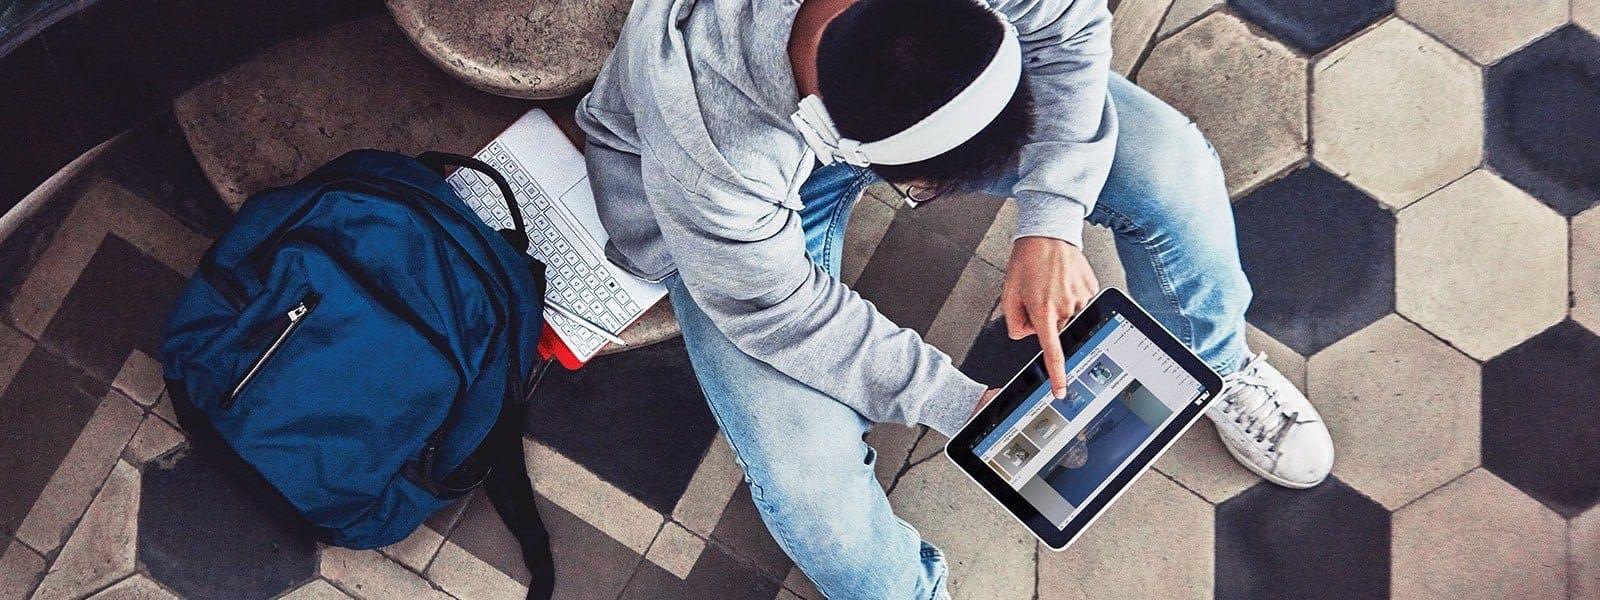 طالب ينظر إلى جهاز مستند إلى Windows 10